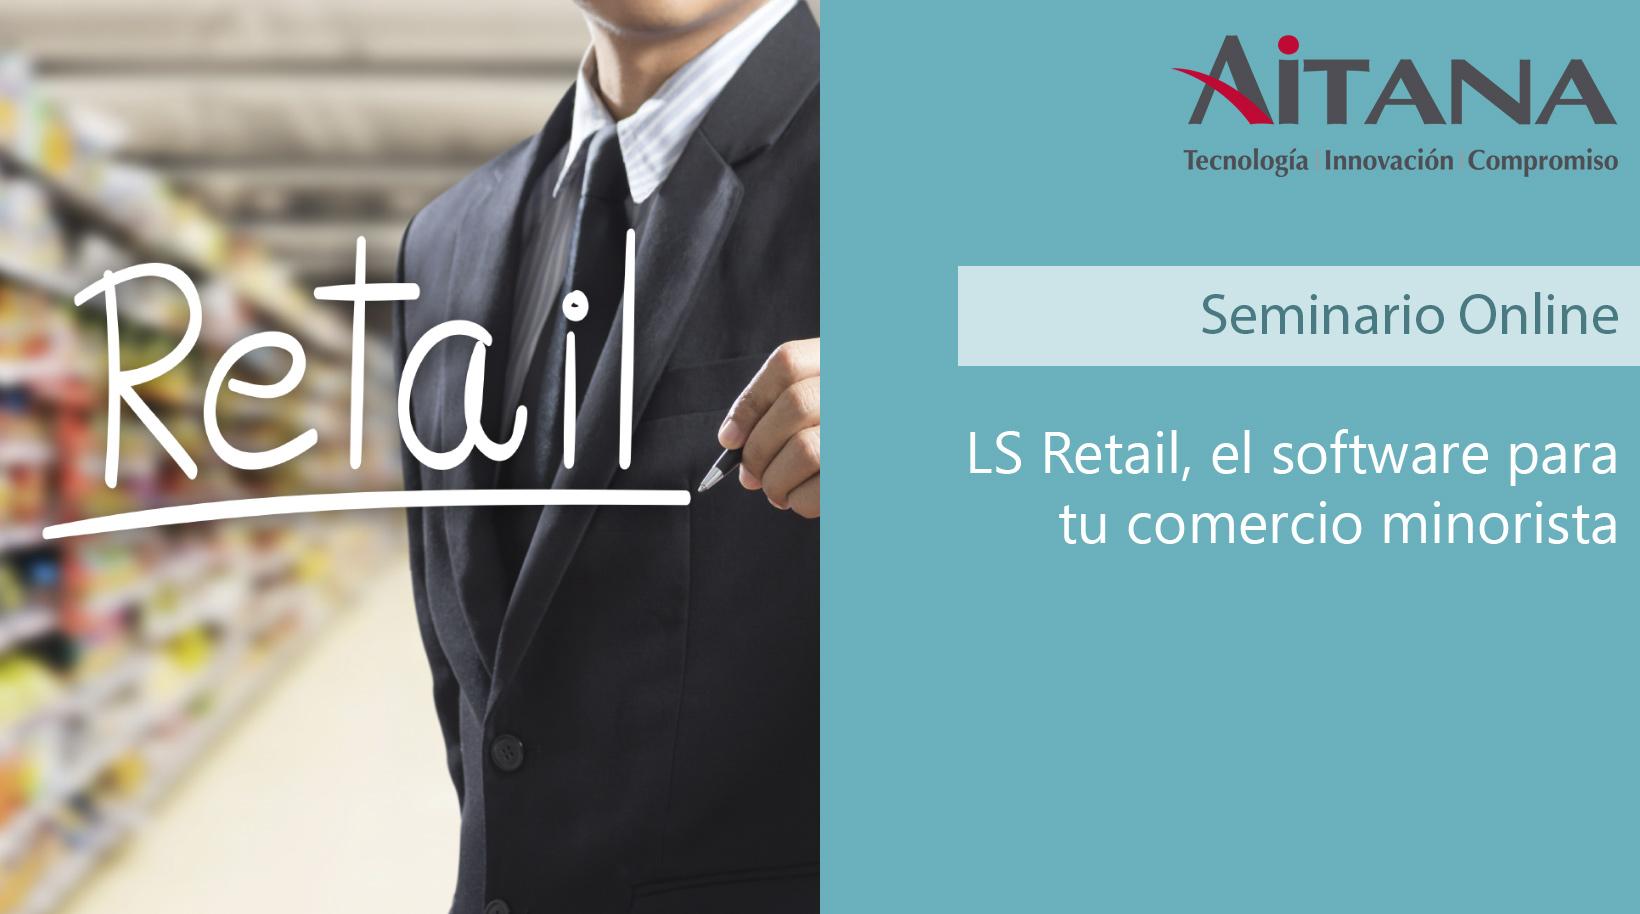 LS Retail, el software para tu comercio minorista